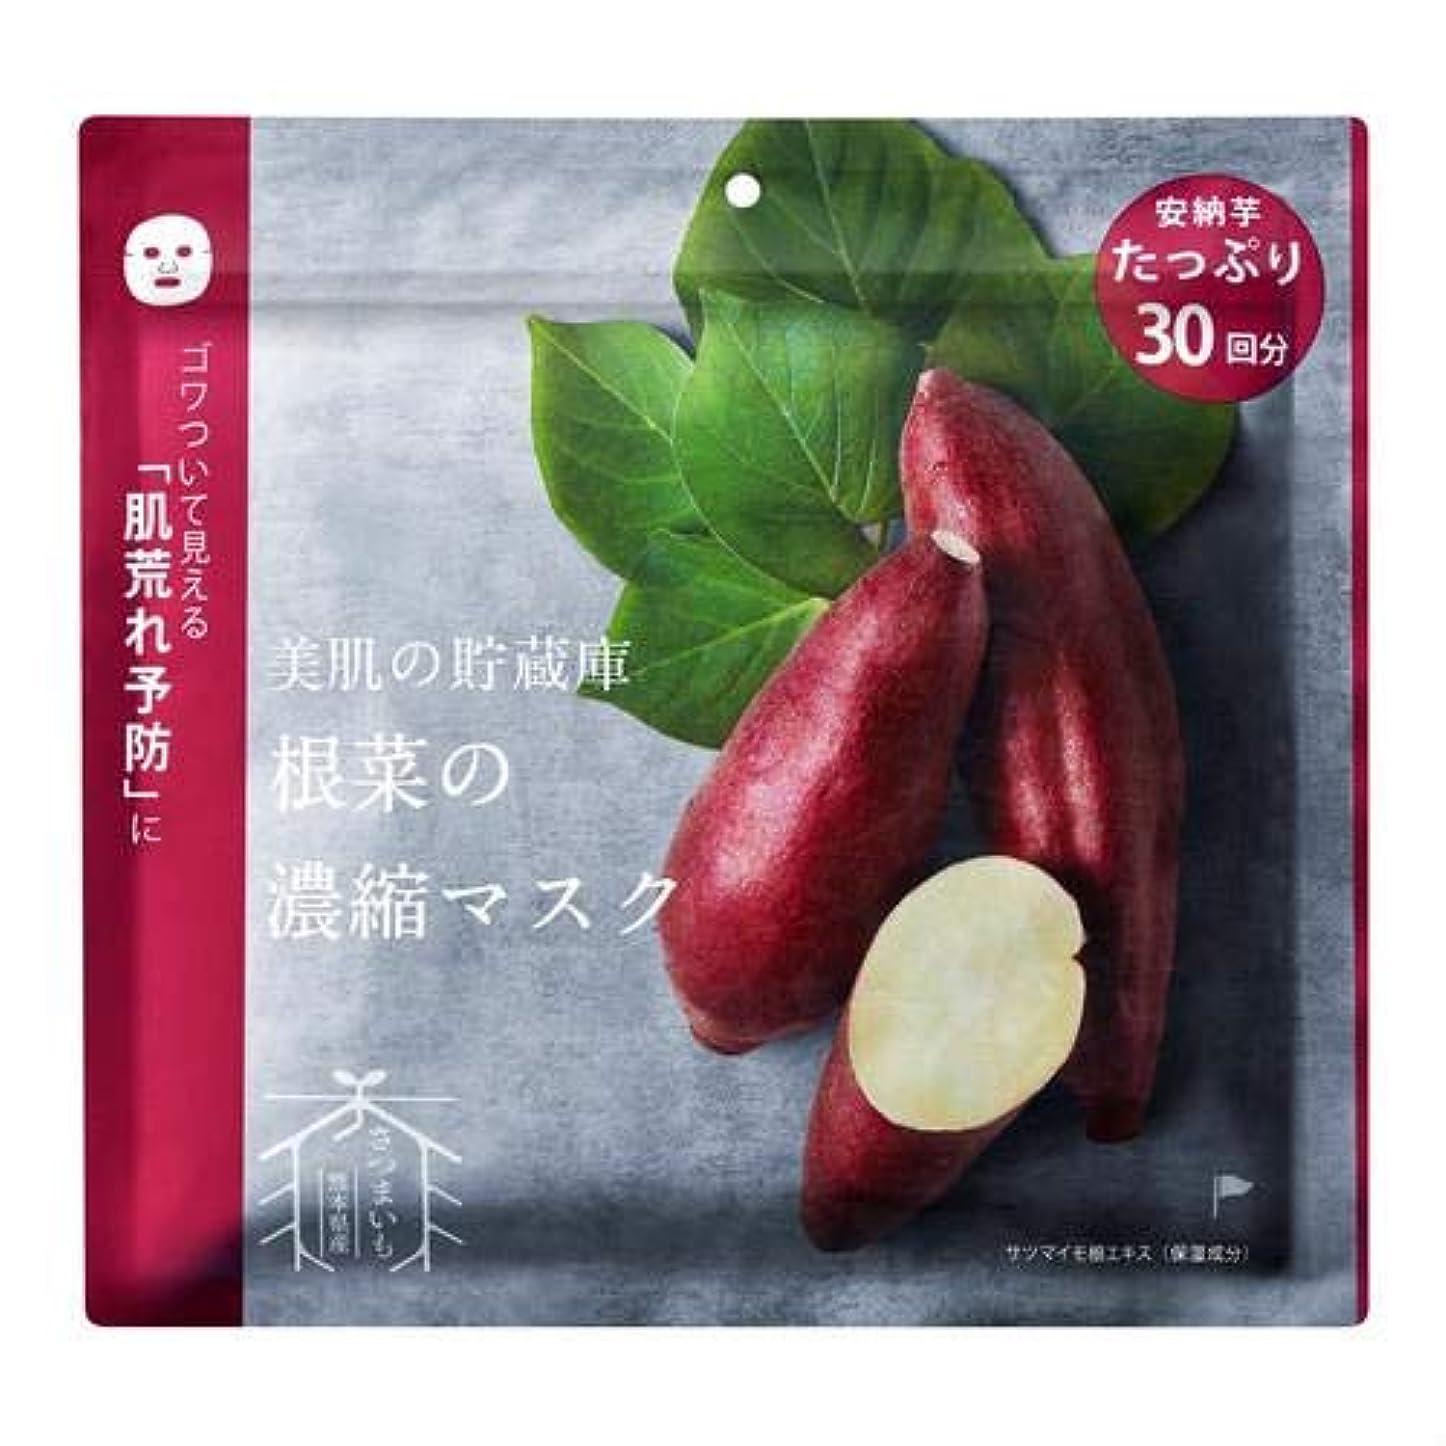 ユニークなさておき接地アイメーカーズ @cosme nippon (アットコスメニッポン) 美肌の貯蔵庫 根菜の濃縮マスク 安納いも 30枚 フェイスマスク2個セット